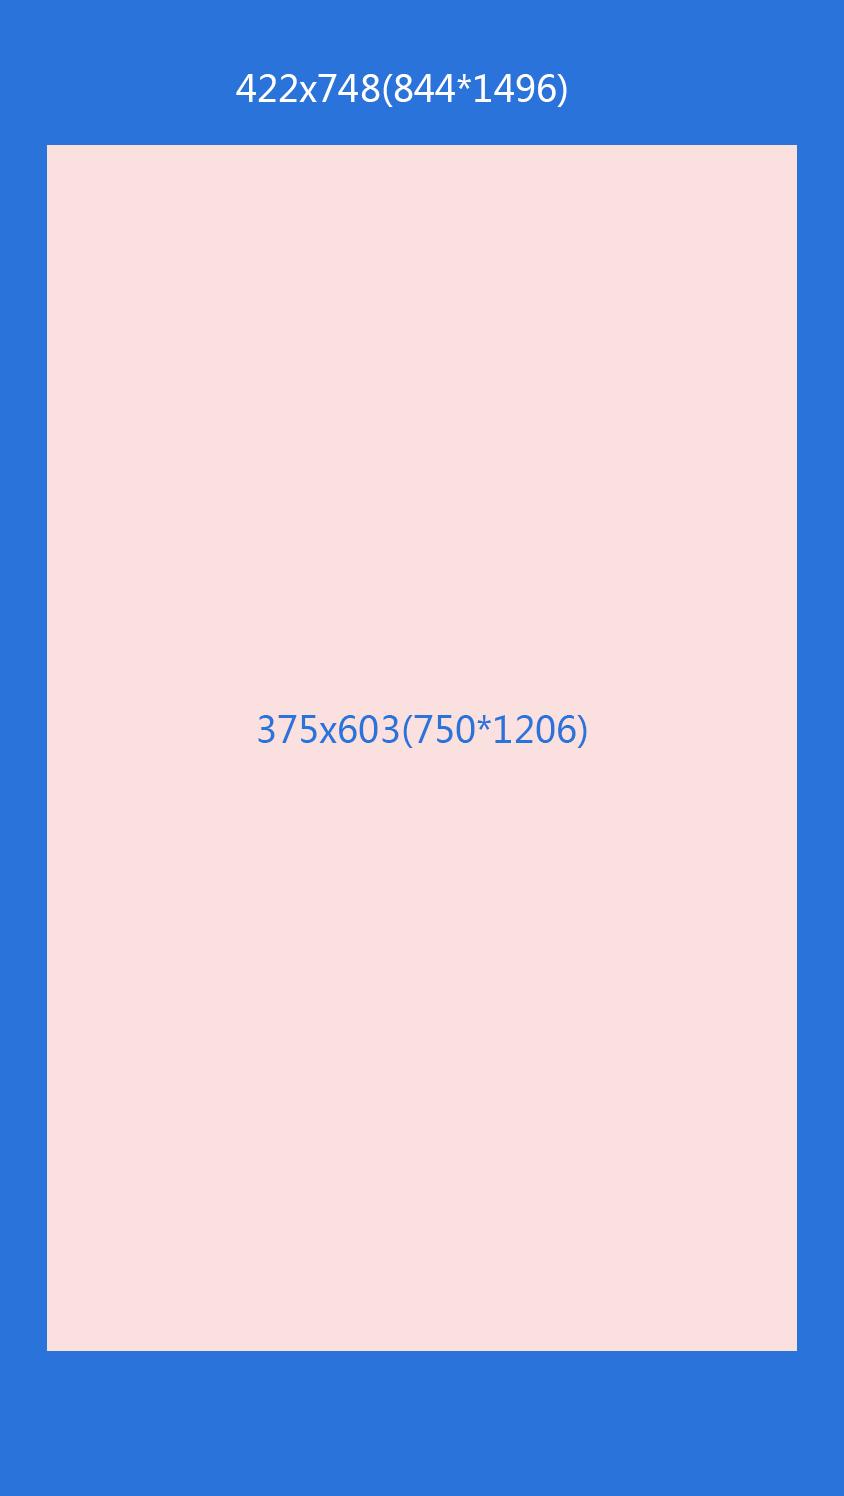 0015a13ecc5ba6f6b44d97ccc6d34eb